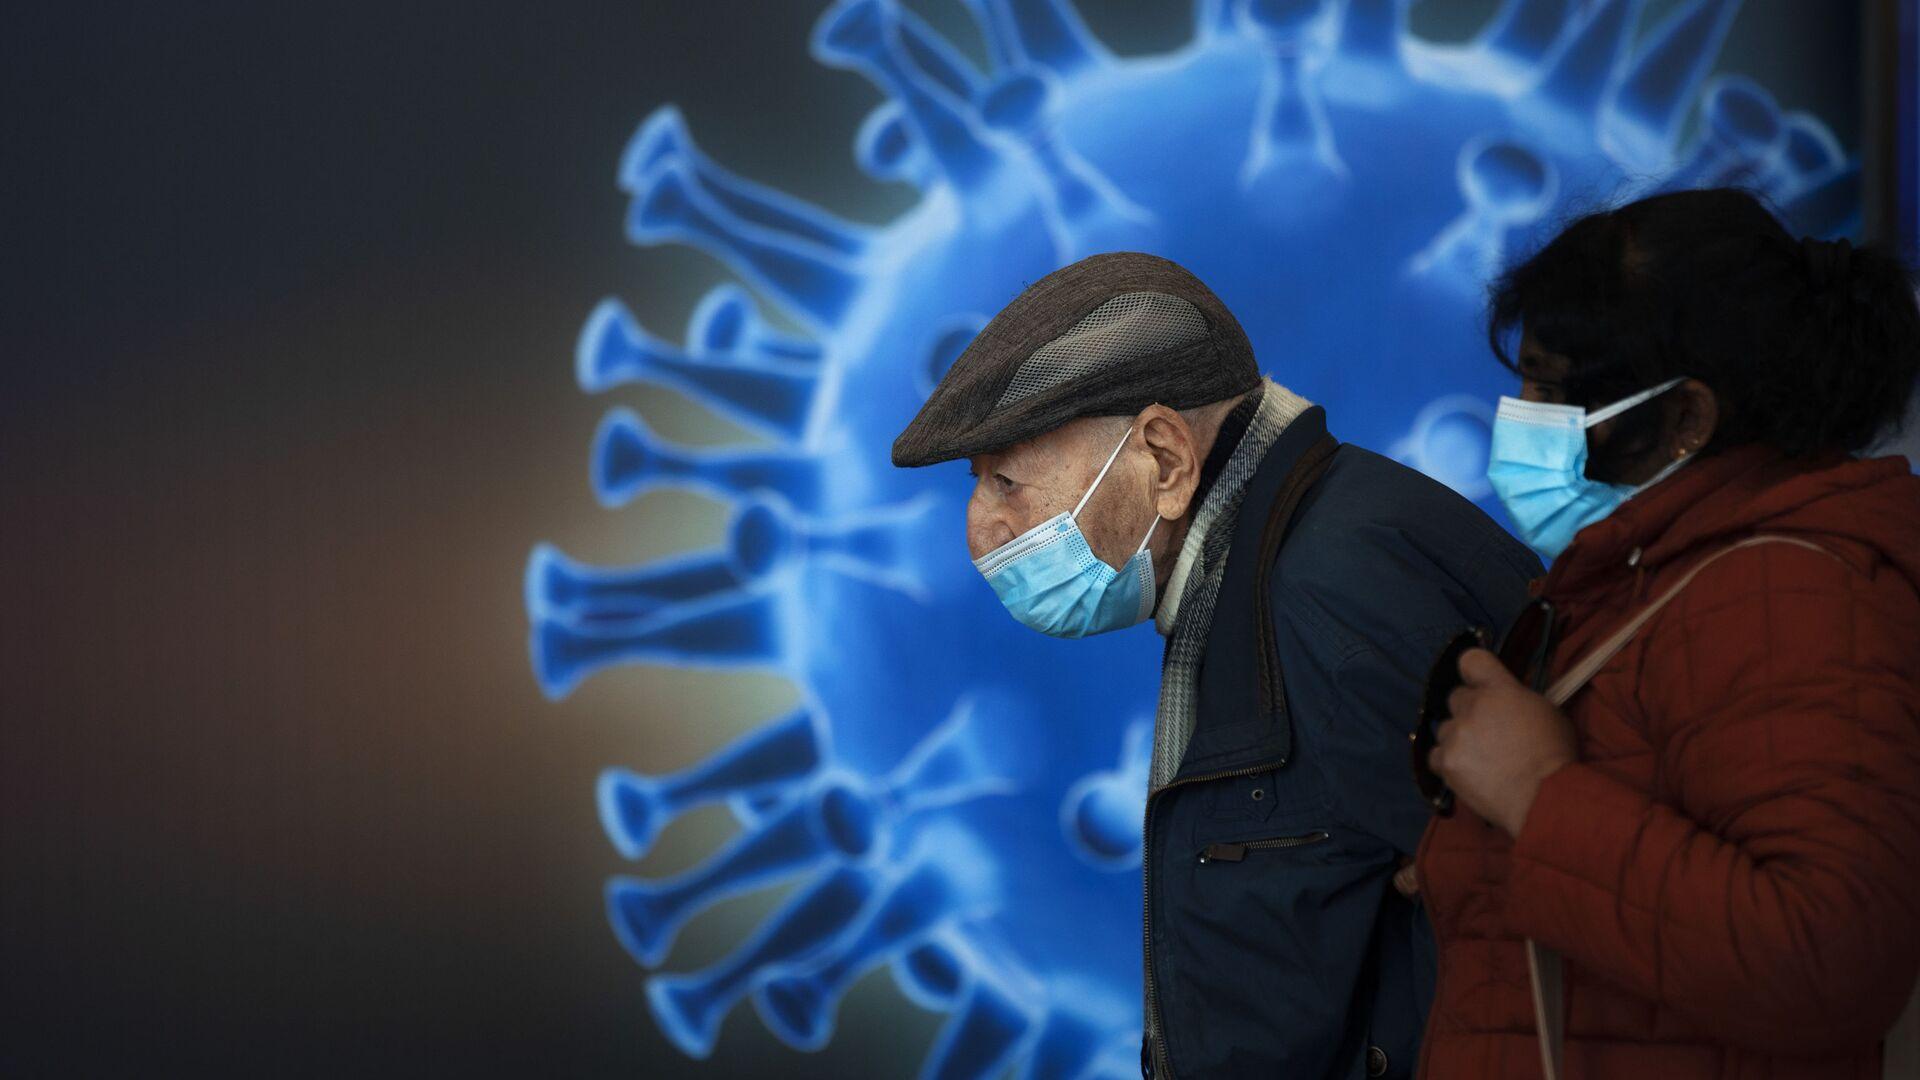 Ludzie w maskach czekają na szczepionkę w centrum szczepień COVID-19 w Jerozolimie - Sputnik Polska, 1920, 16.02.2021